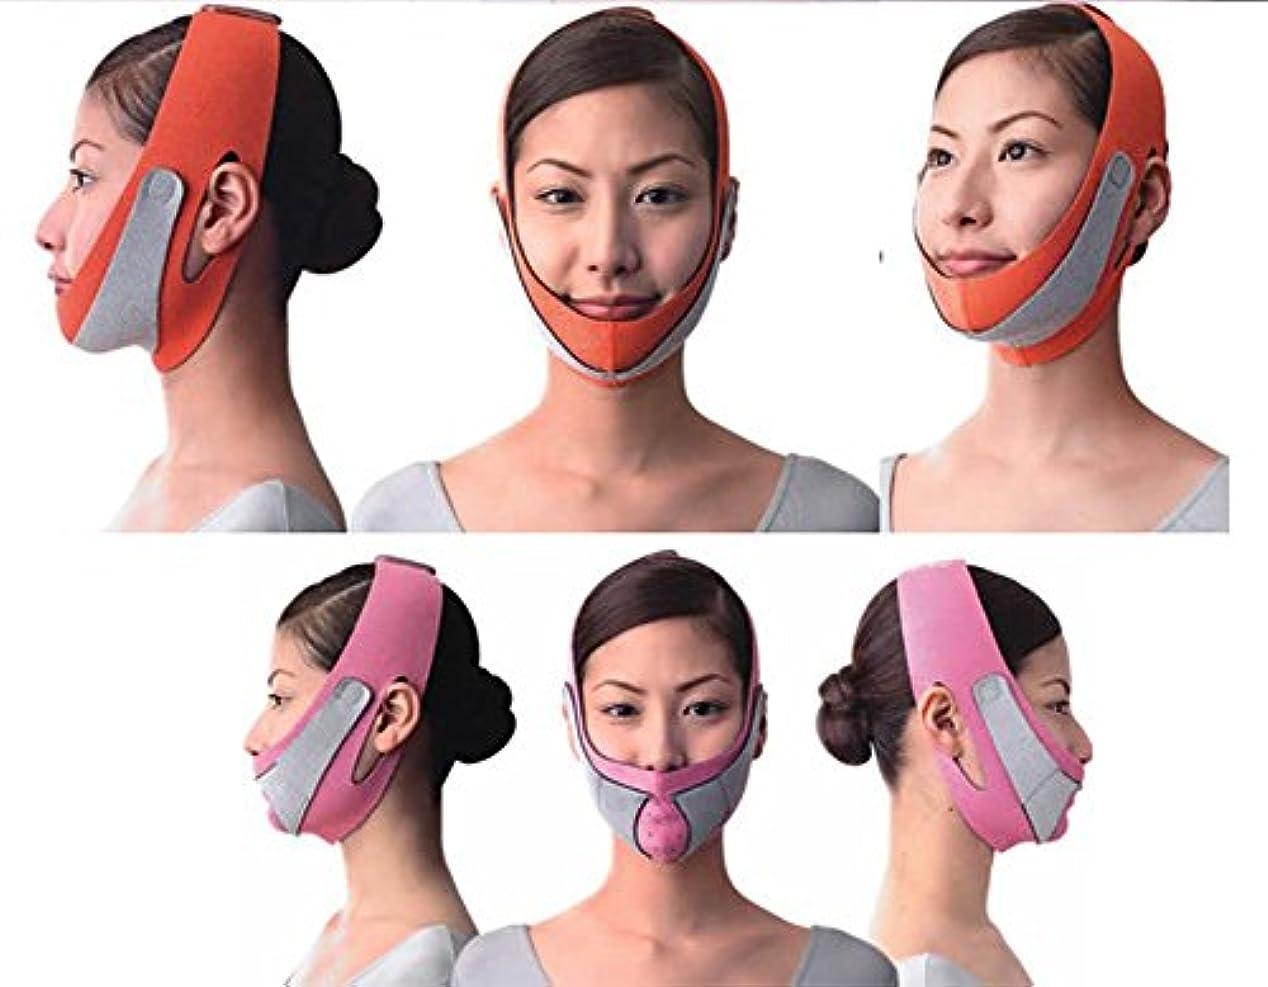 トラップ弁護伝染性の引き上げマスク 頬のたるみ 額、顎下、頬リフトアップ ピンク グレー 弾力V-ラインマスク 引っ張る リフティング フェイス リフトスリムマスク 美容 フェイスマスク